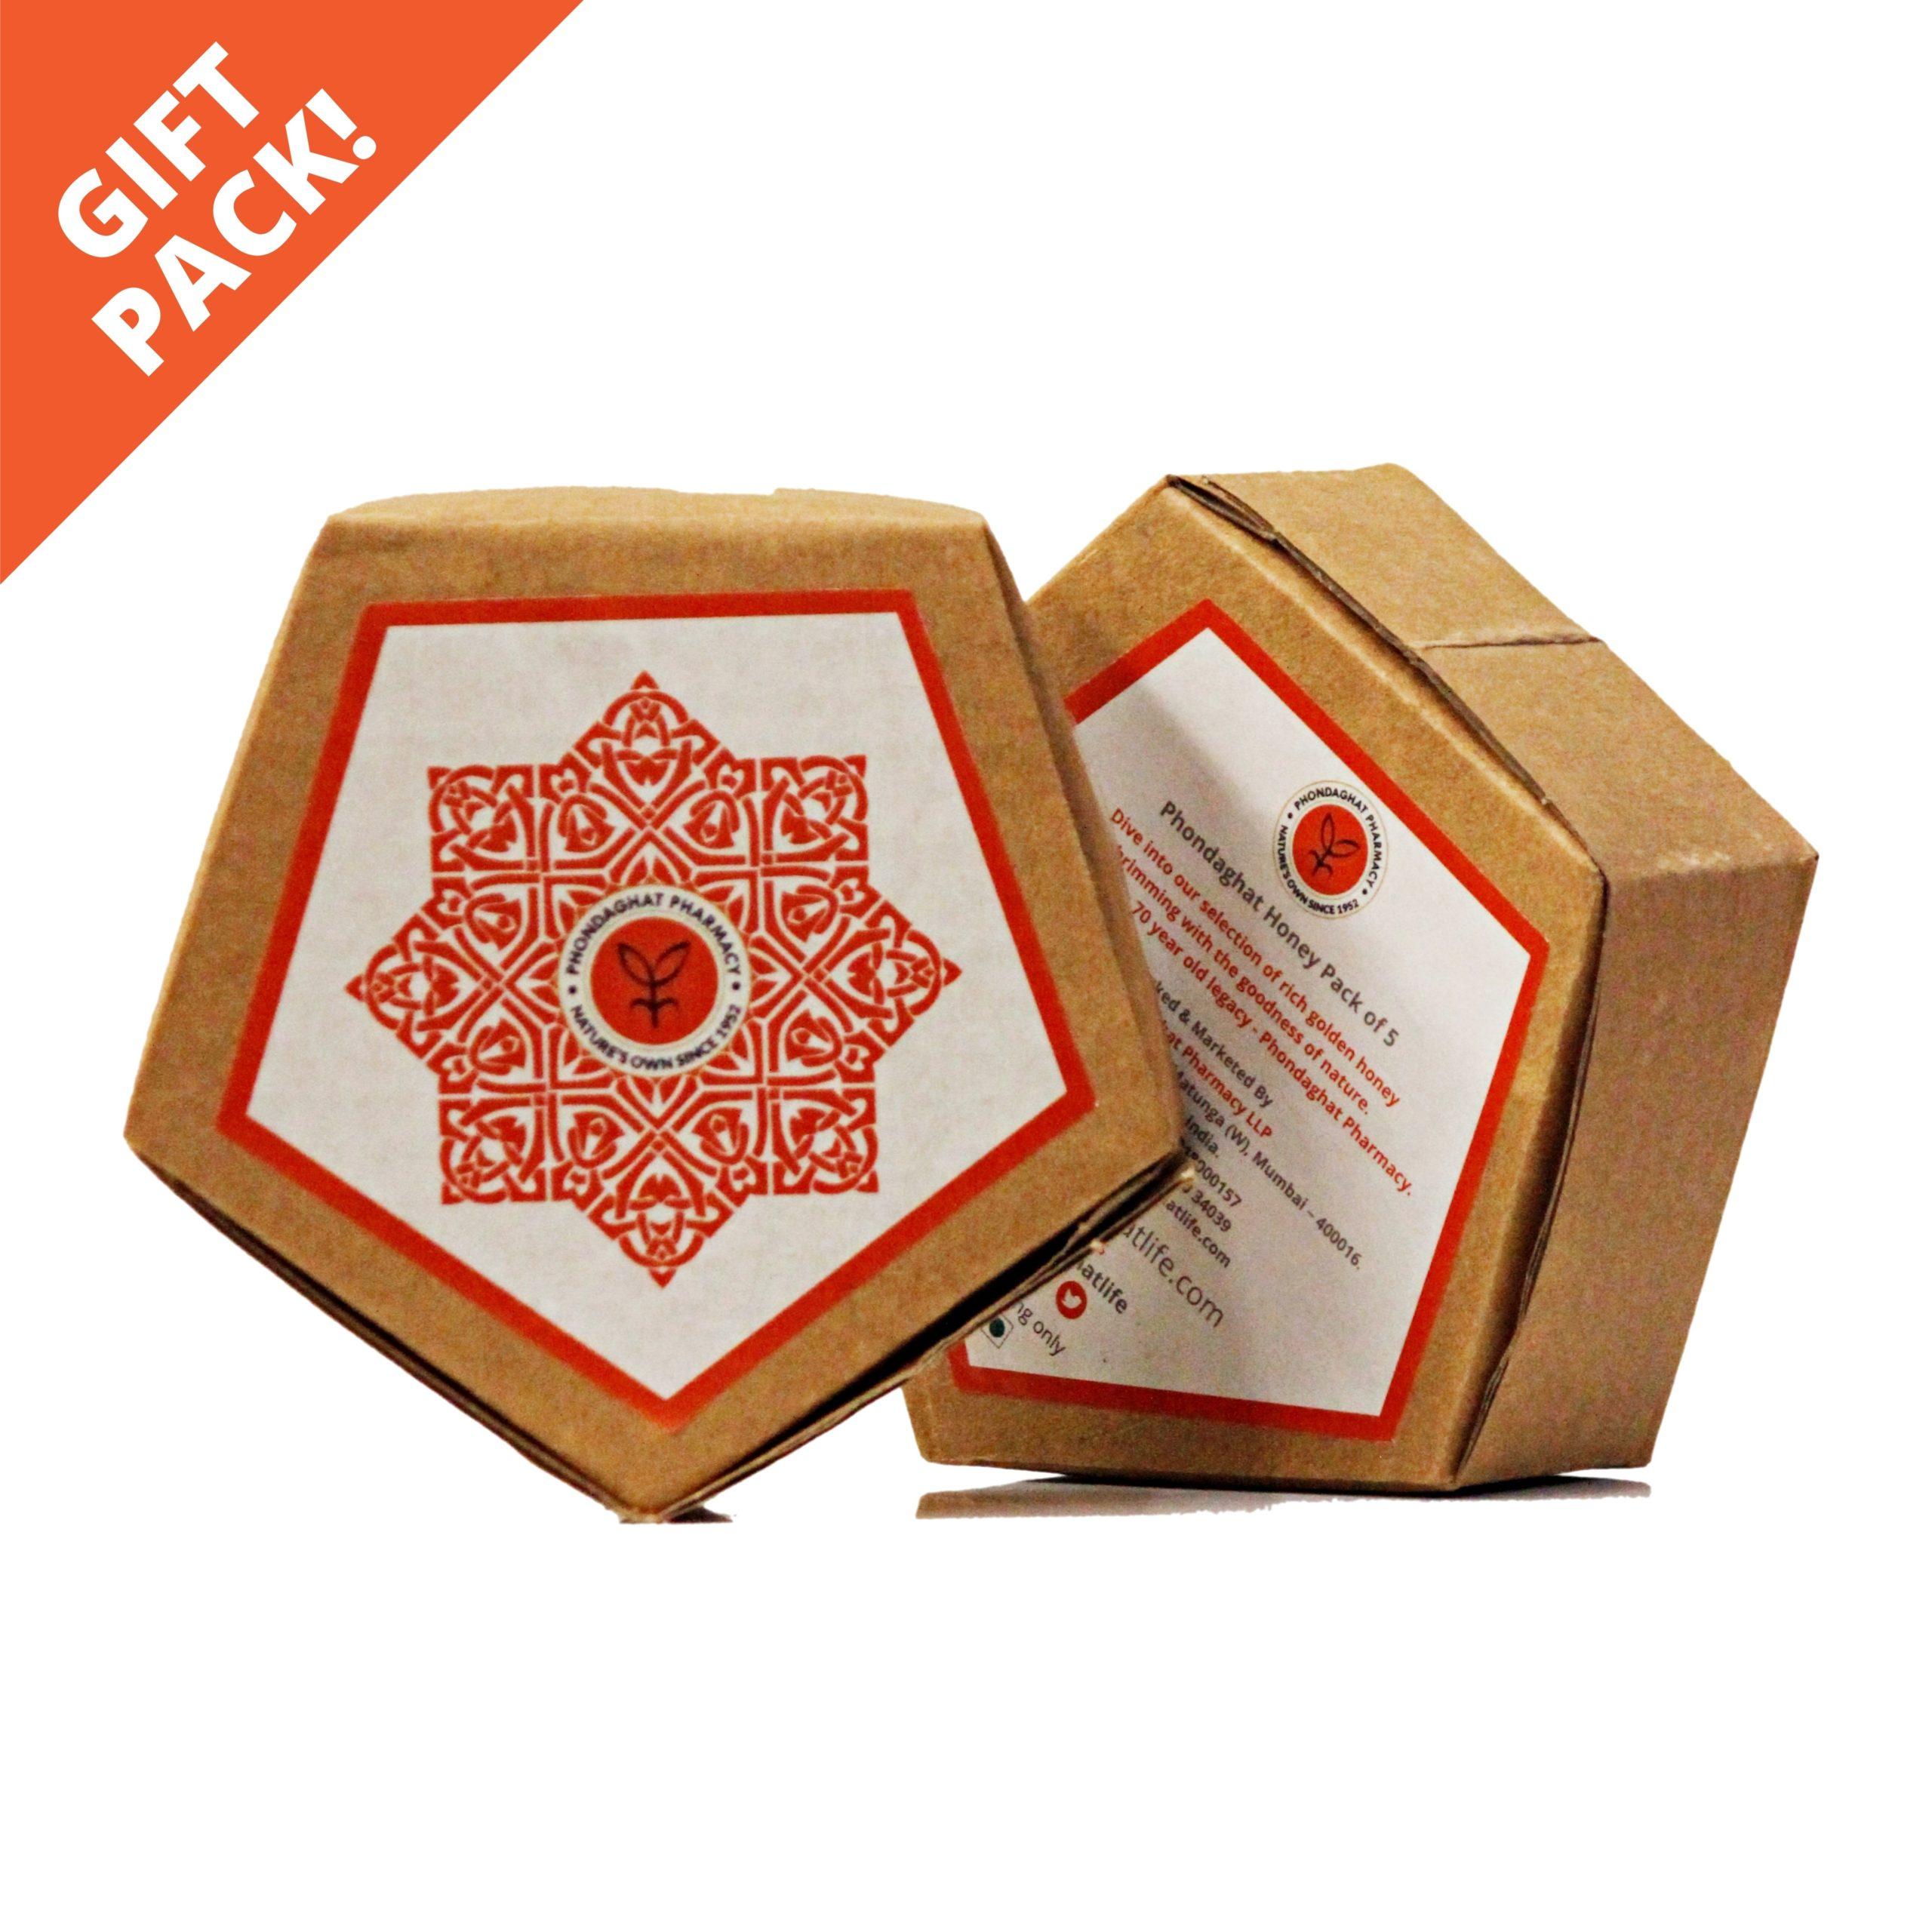 Phondaghat Honey Assorted Honey Gift Pack